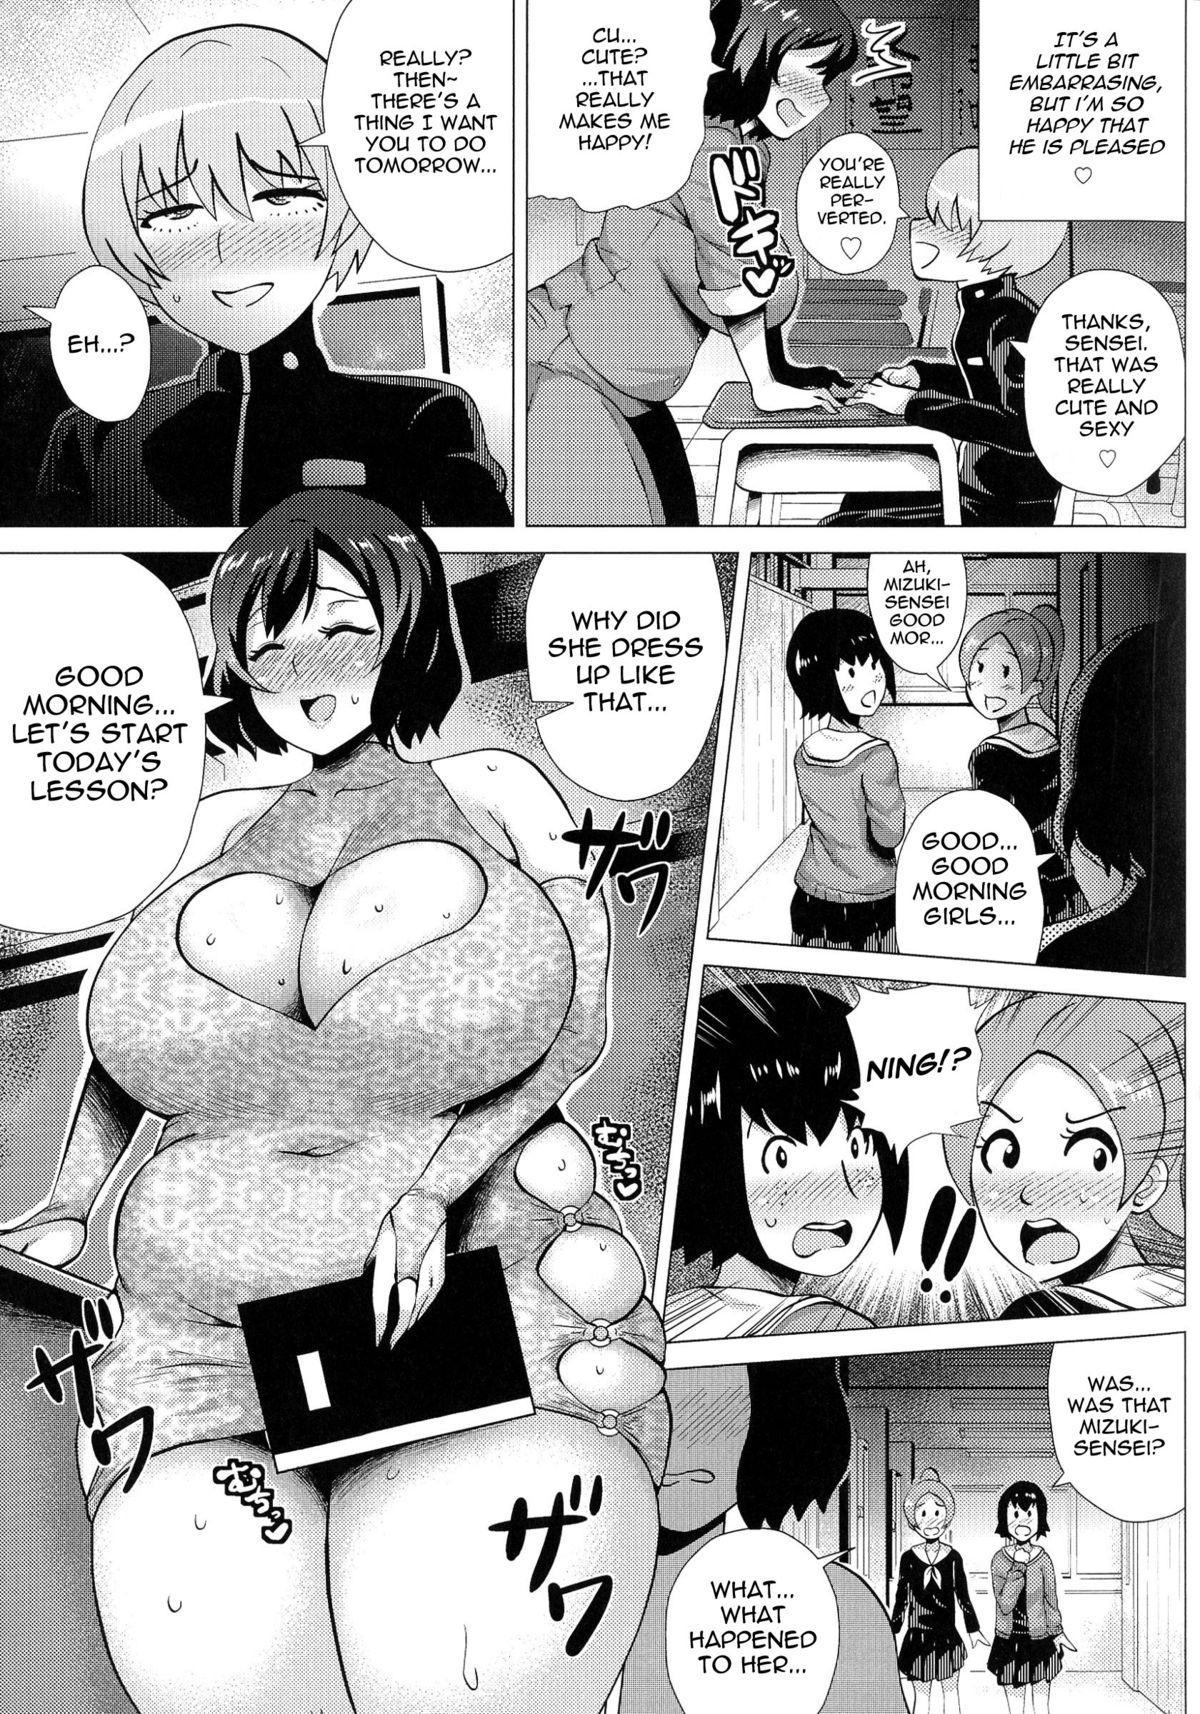 [Yokkora] Megabody Night ~Watashi no Oniku wo Meshiagare~ | Megabody Night ~My voluptuous body & mom love~ [English] {Laruffi + desudesu + EHCOVE} 135